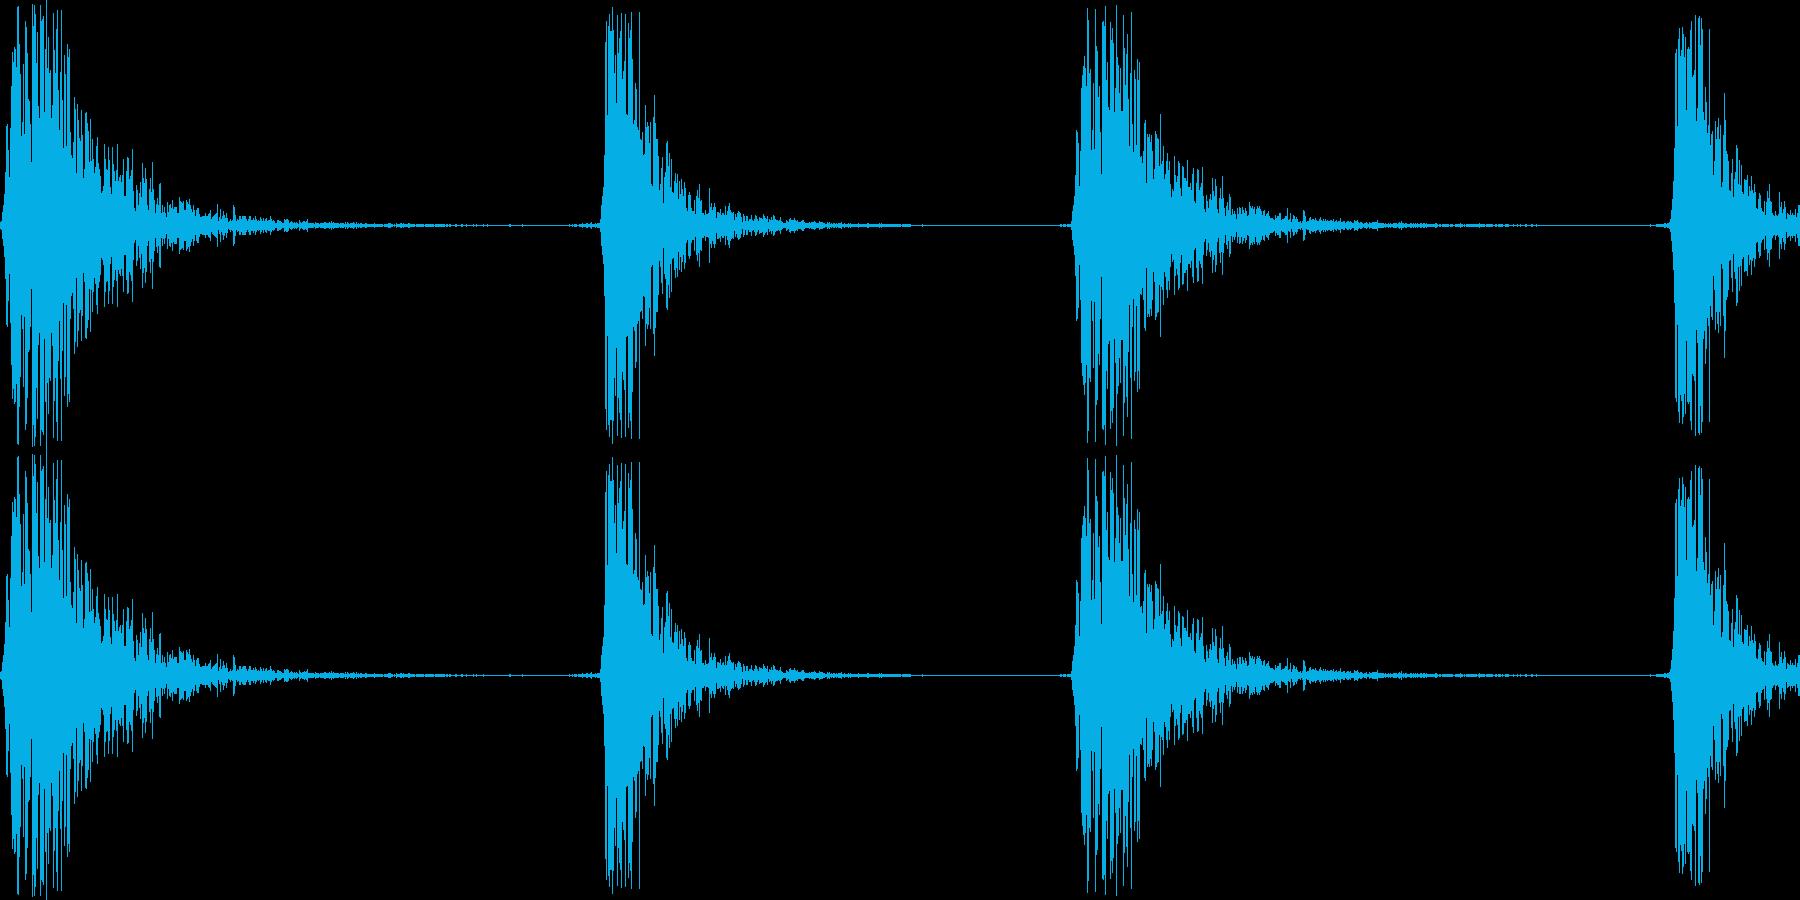 カチカチッ(マウスのダブルクリック音)の再生済みの波形